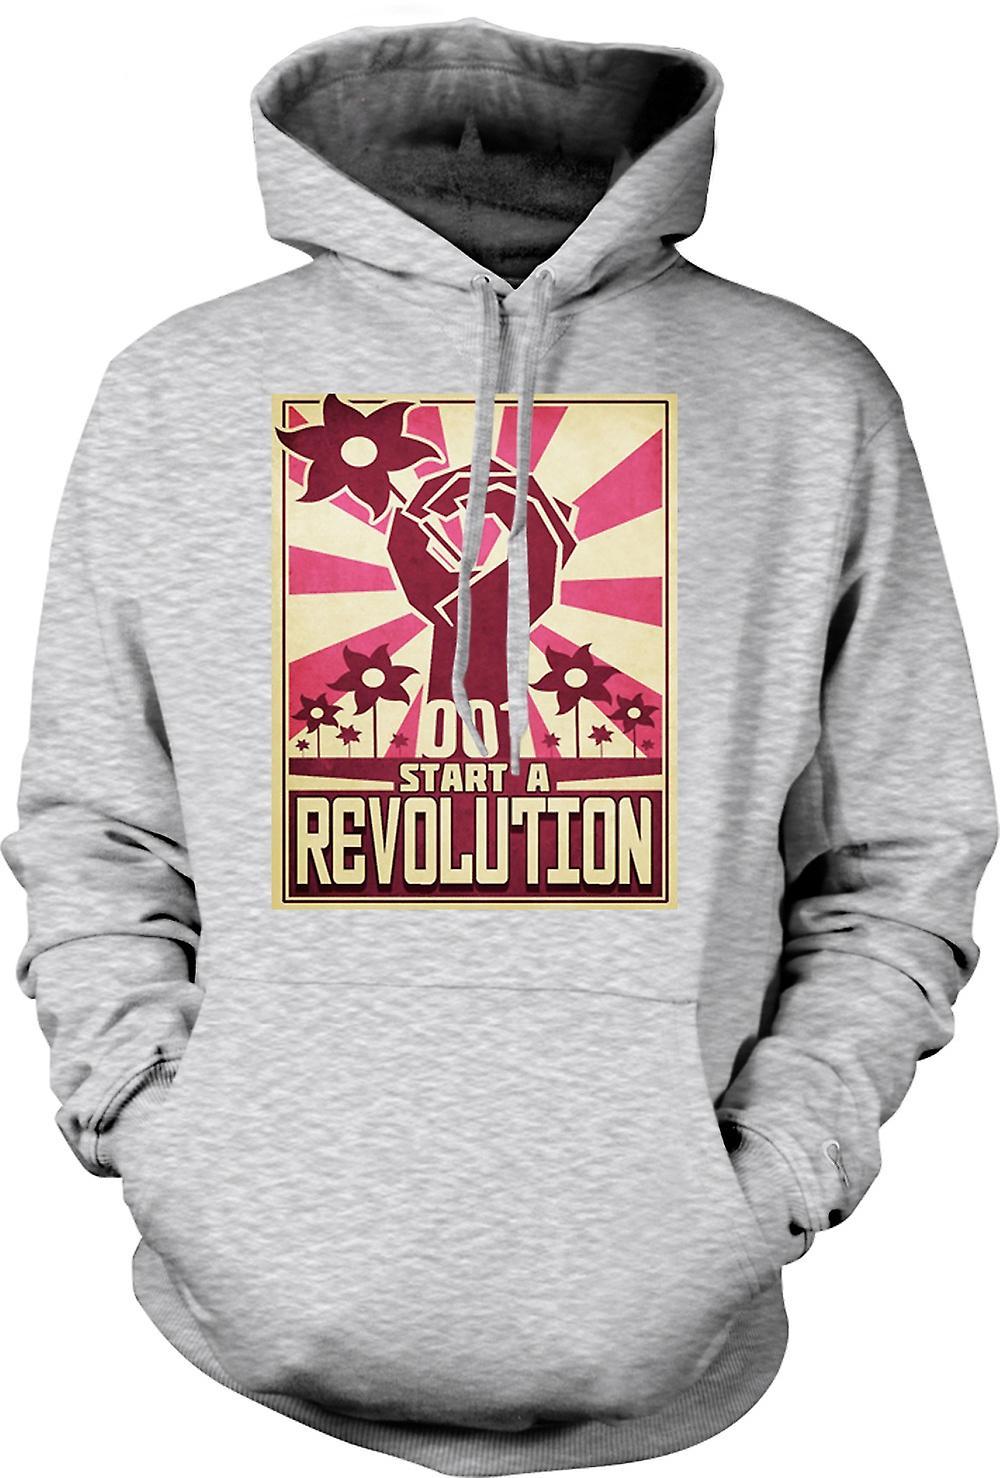 Para hombre con capucha - empezar una revolución - diseño fresco